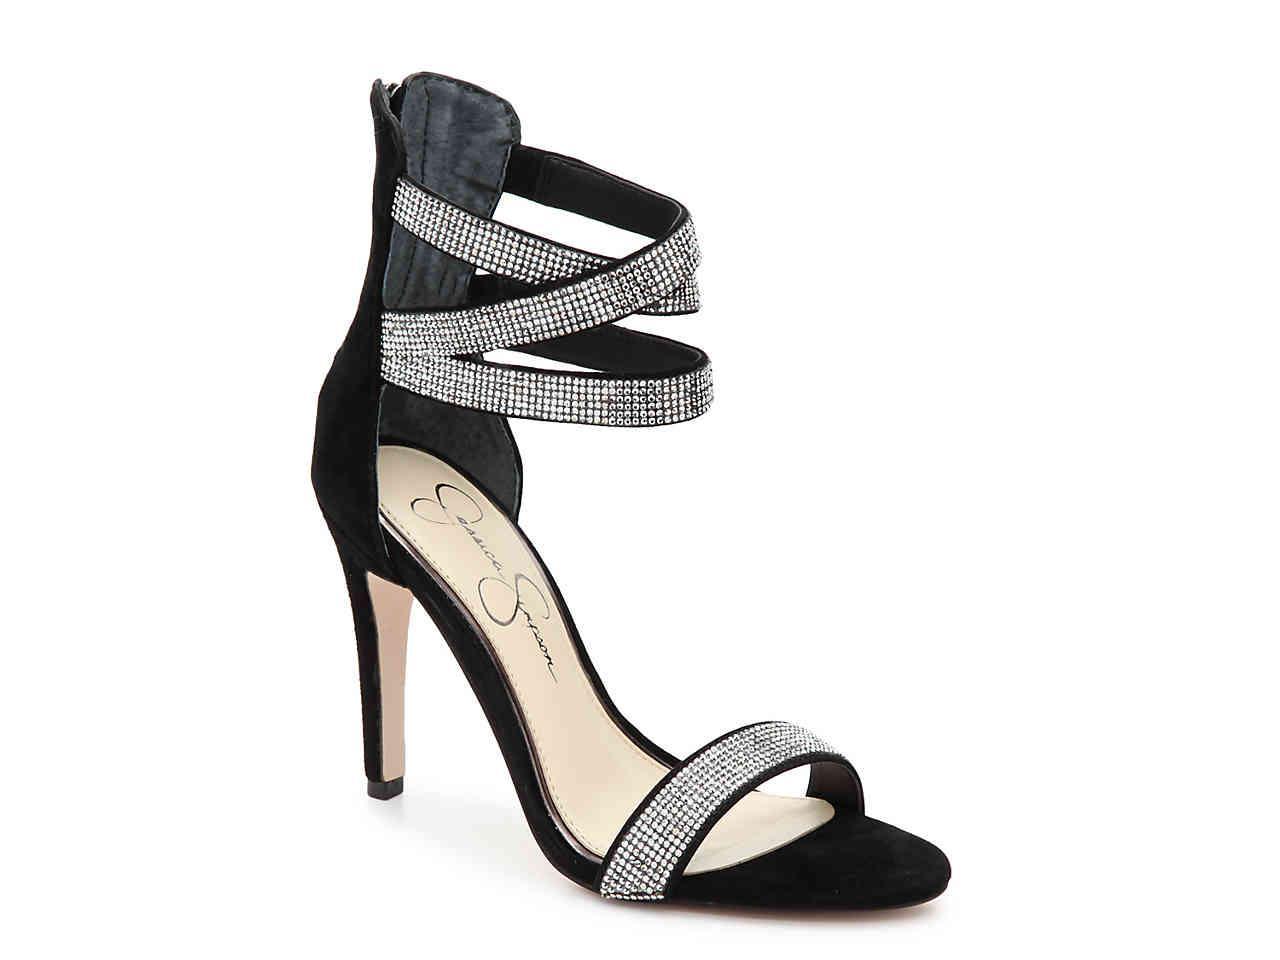 8179b26f06 Lyst - Jessica Simpson Elepina Sandal in Black